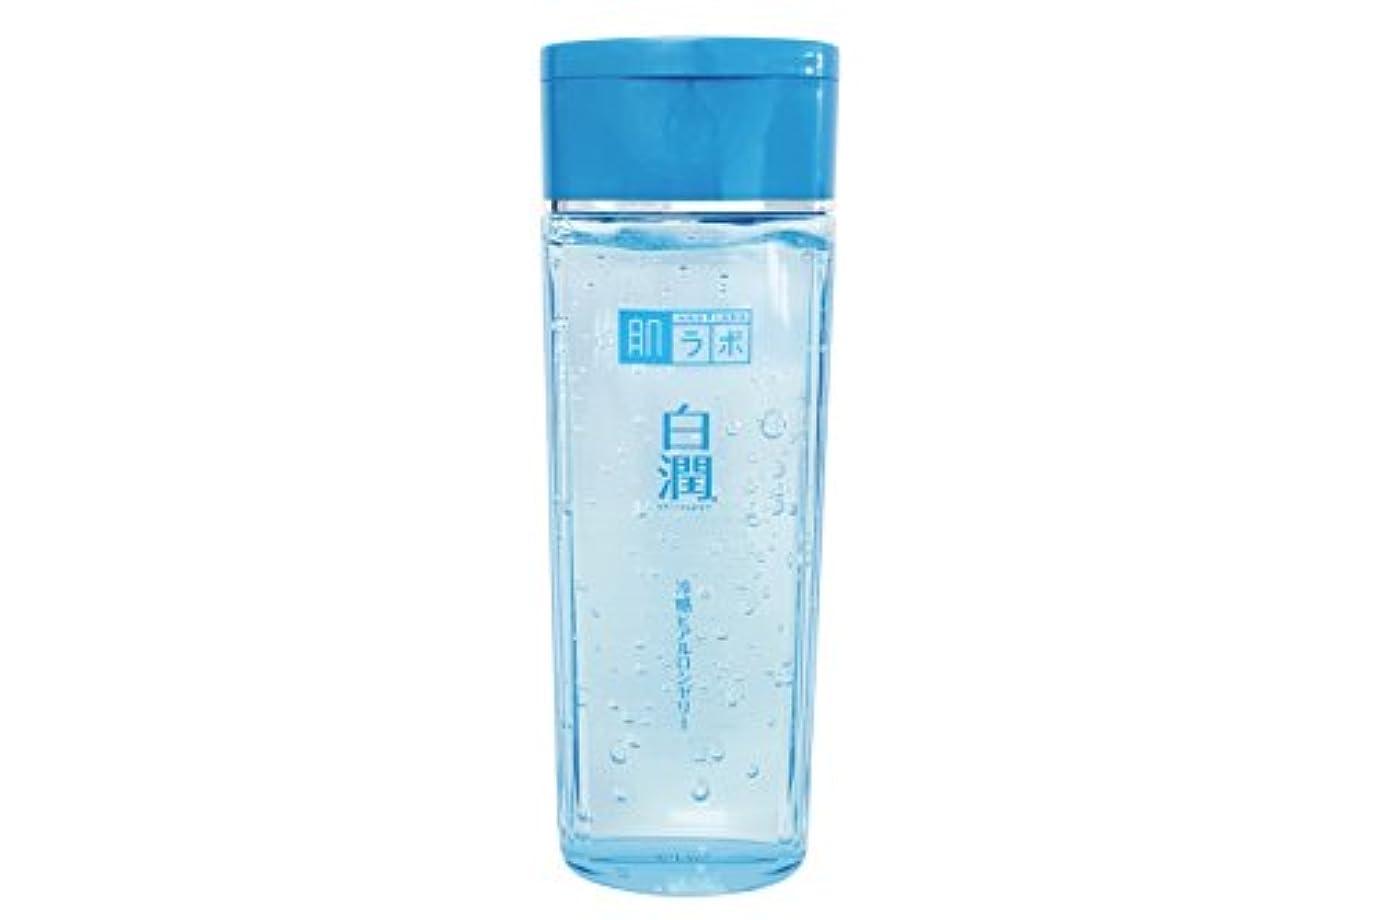 無人クリエイティブ奨励肌ラボ 白潤 冷感ヒアルロンゼリー 化粧水?乳液?美容液?収れん?パックの5役 4つの潤い成分配合 200mL